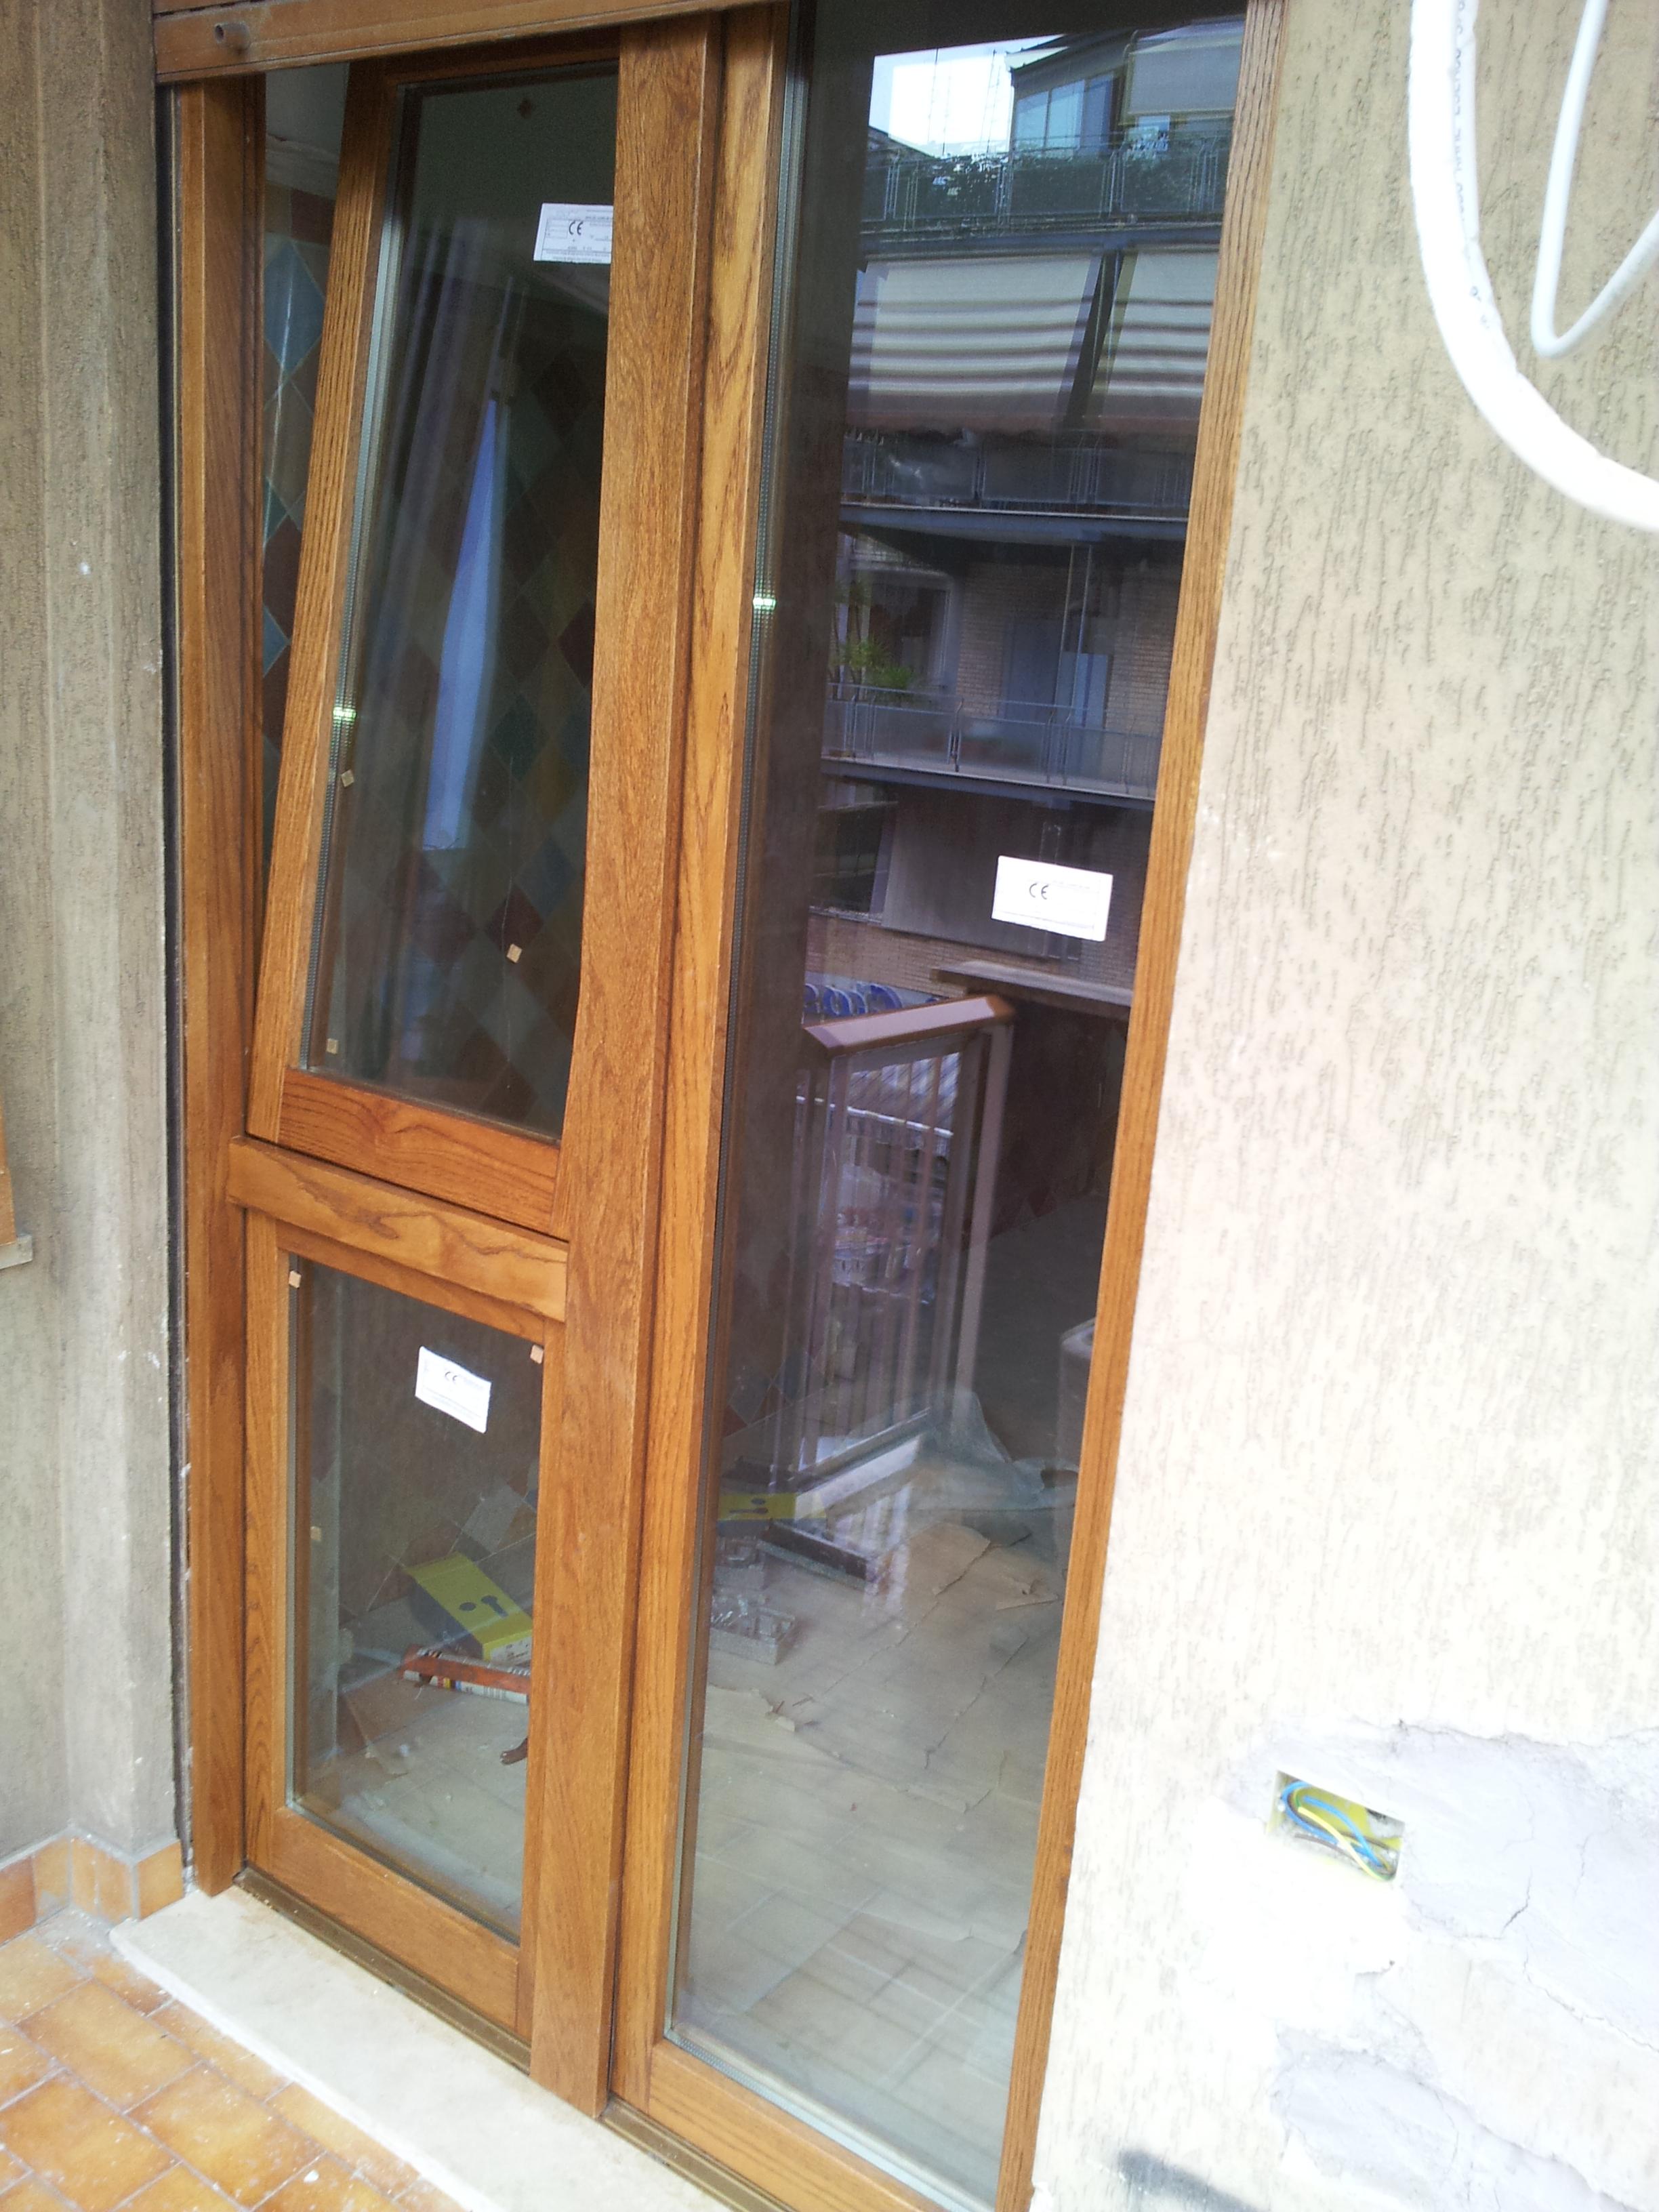 Finestre in lamellare finestre in legno massello falegnameria roma restauro legno porte - Restauro finestre in legno ...